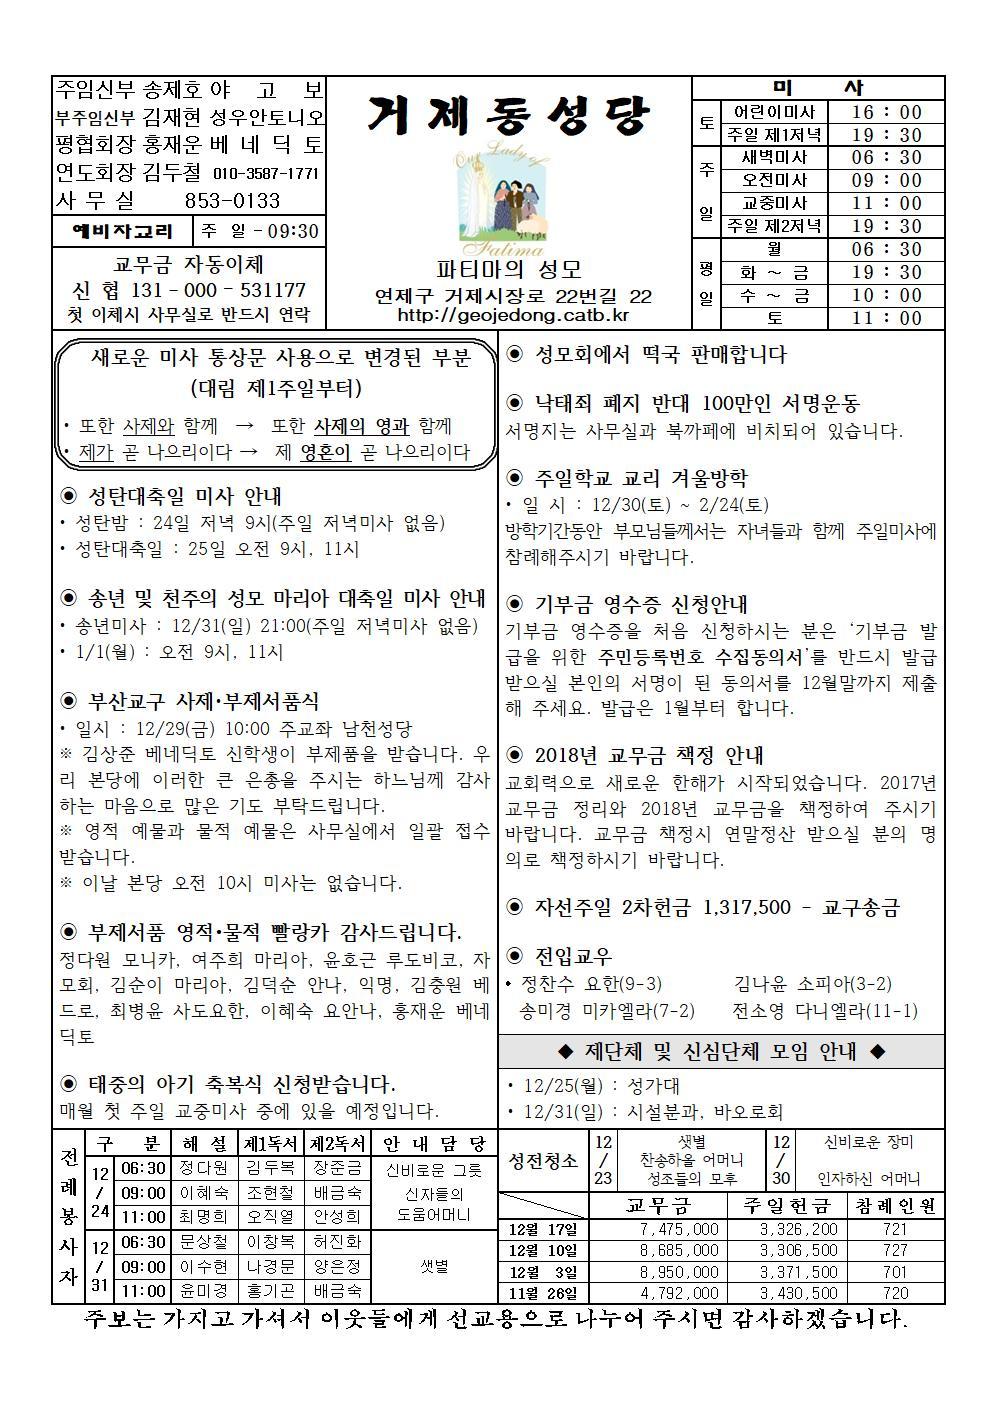 거제동20171224주보001.jpg